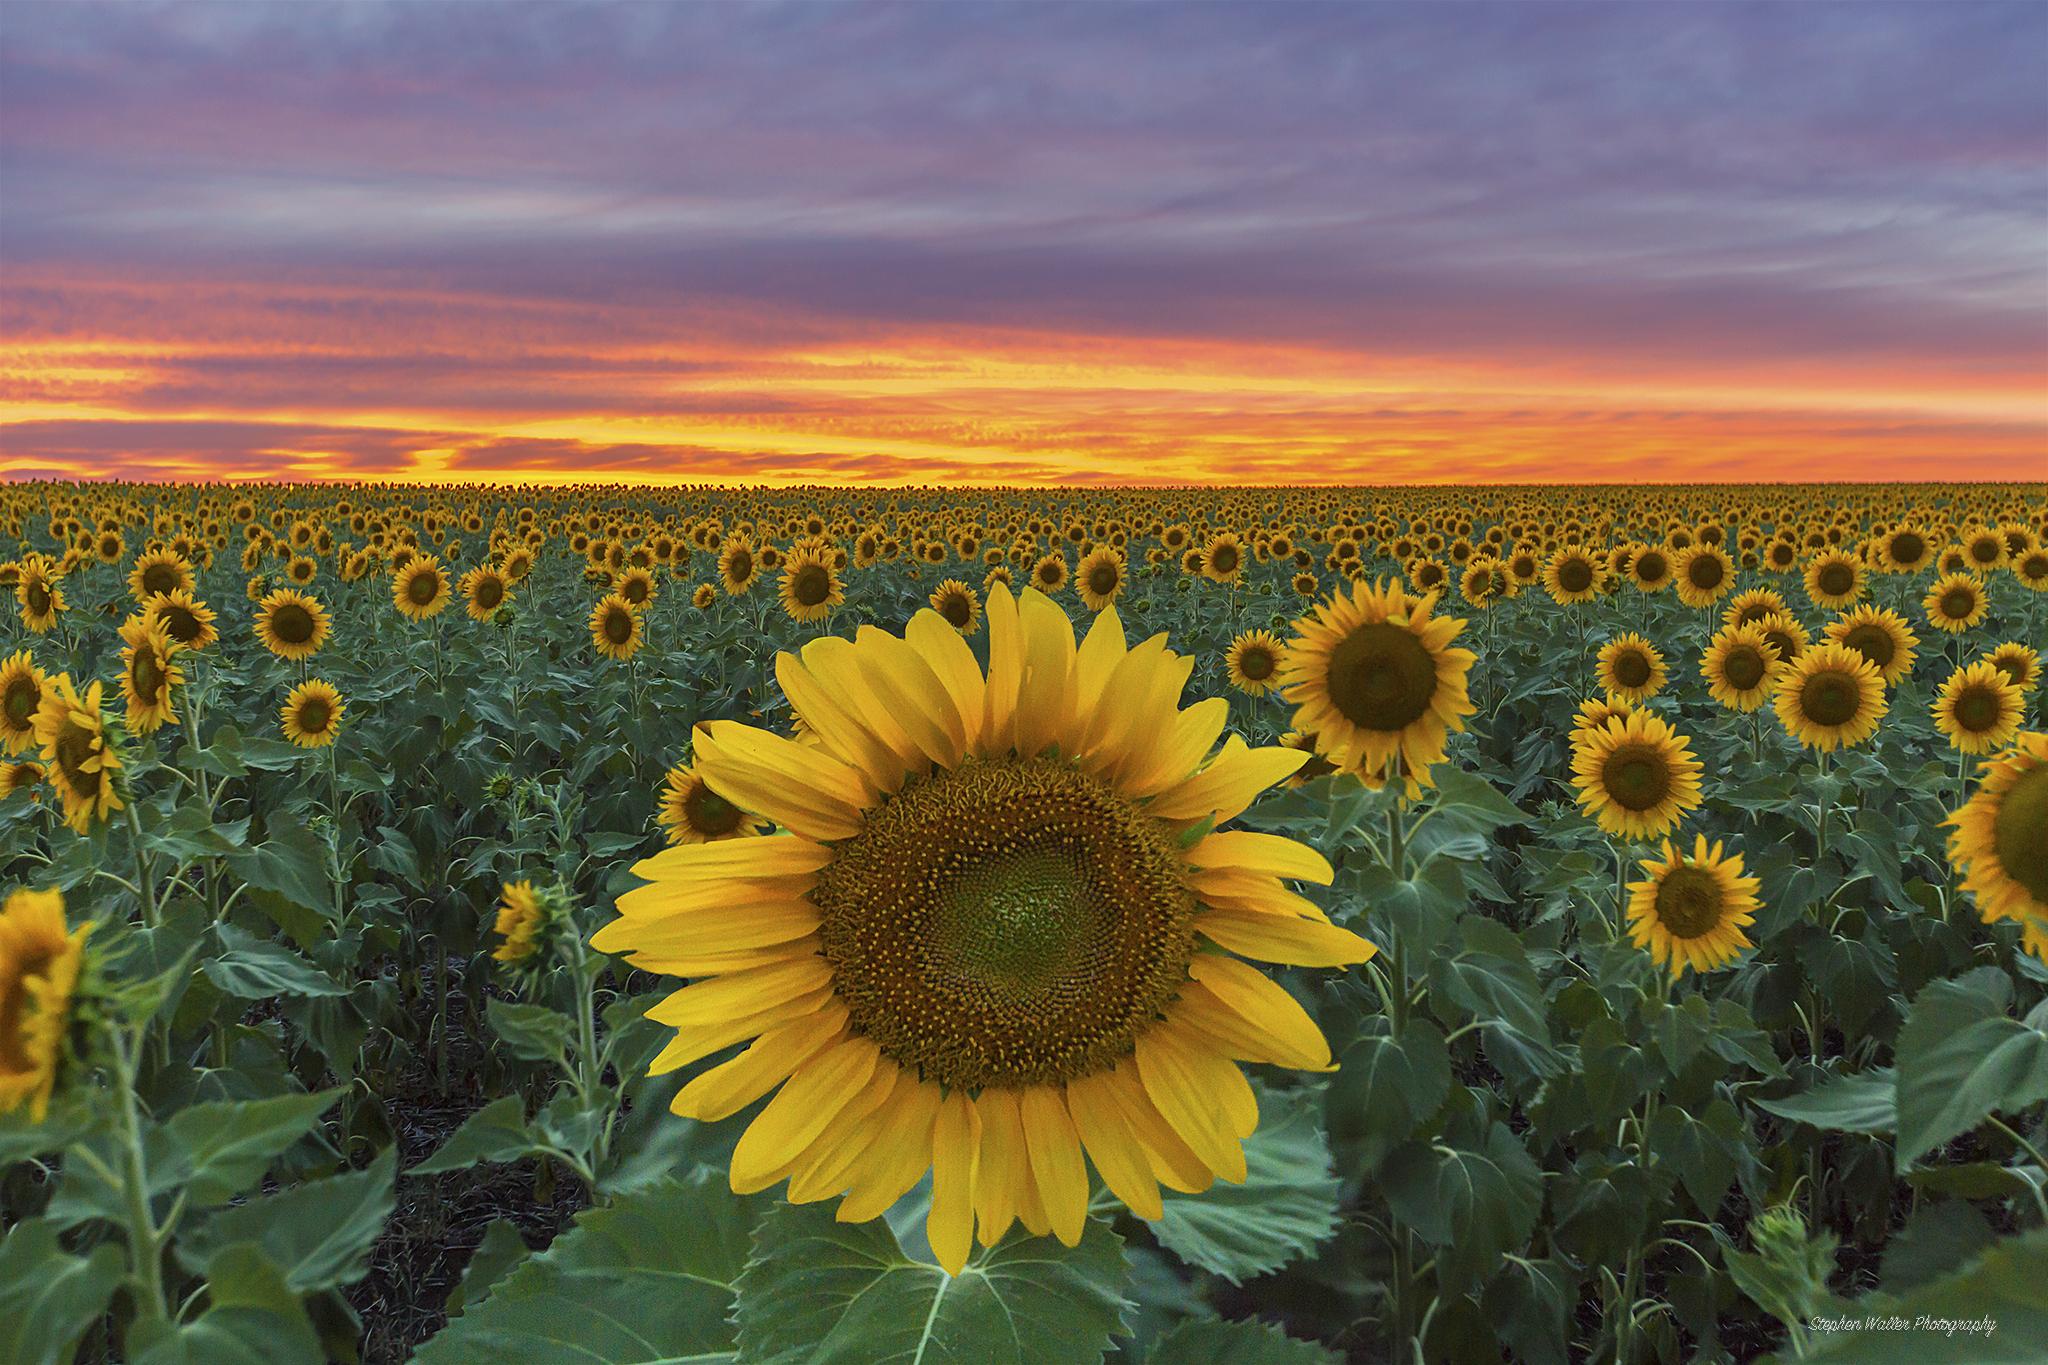 Sunflower Sunset at Nobby 02